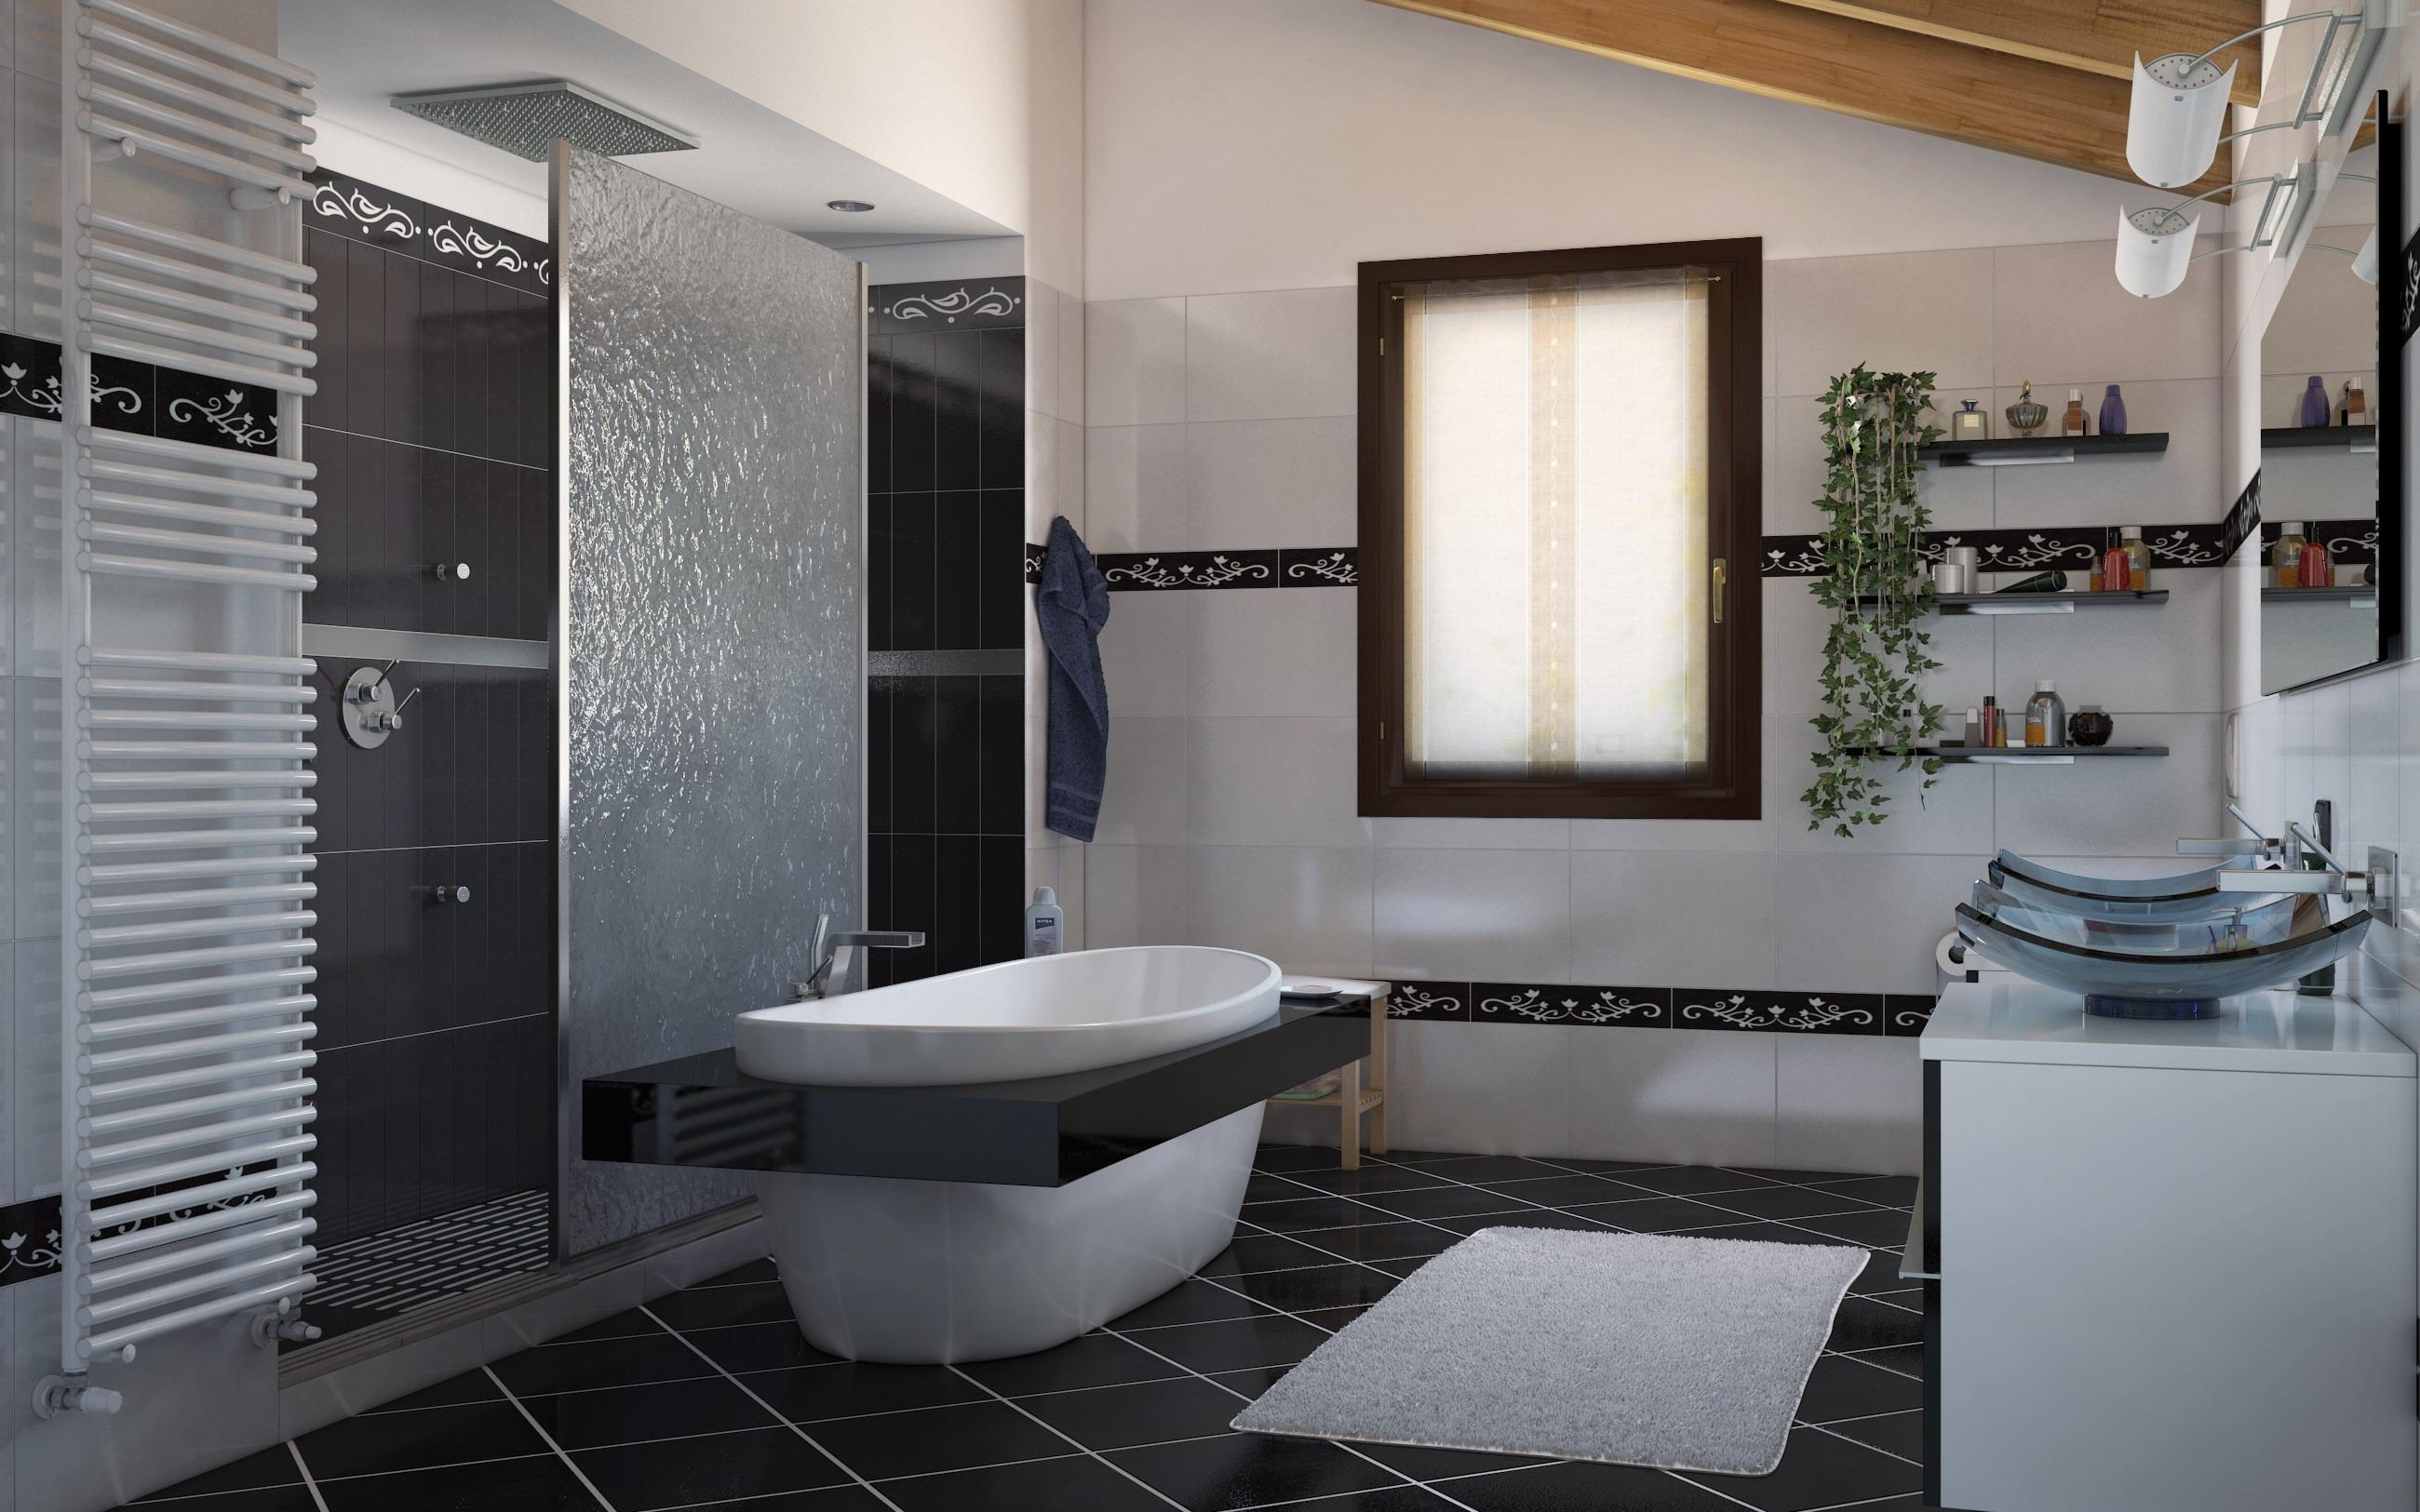 Vasca Da Bagno Enorme progettare il bagno: ecco 10 consigli utili | bagnolandia